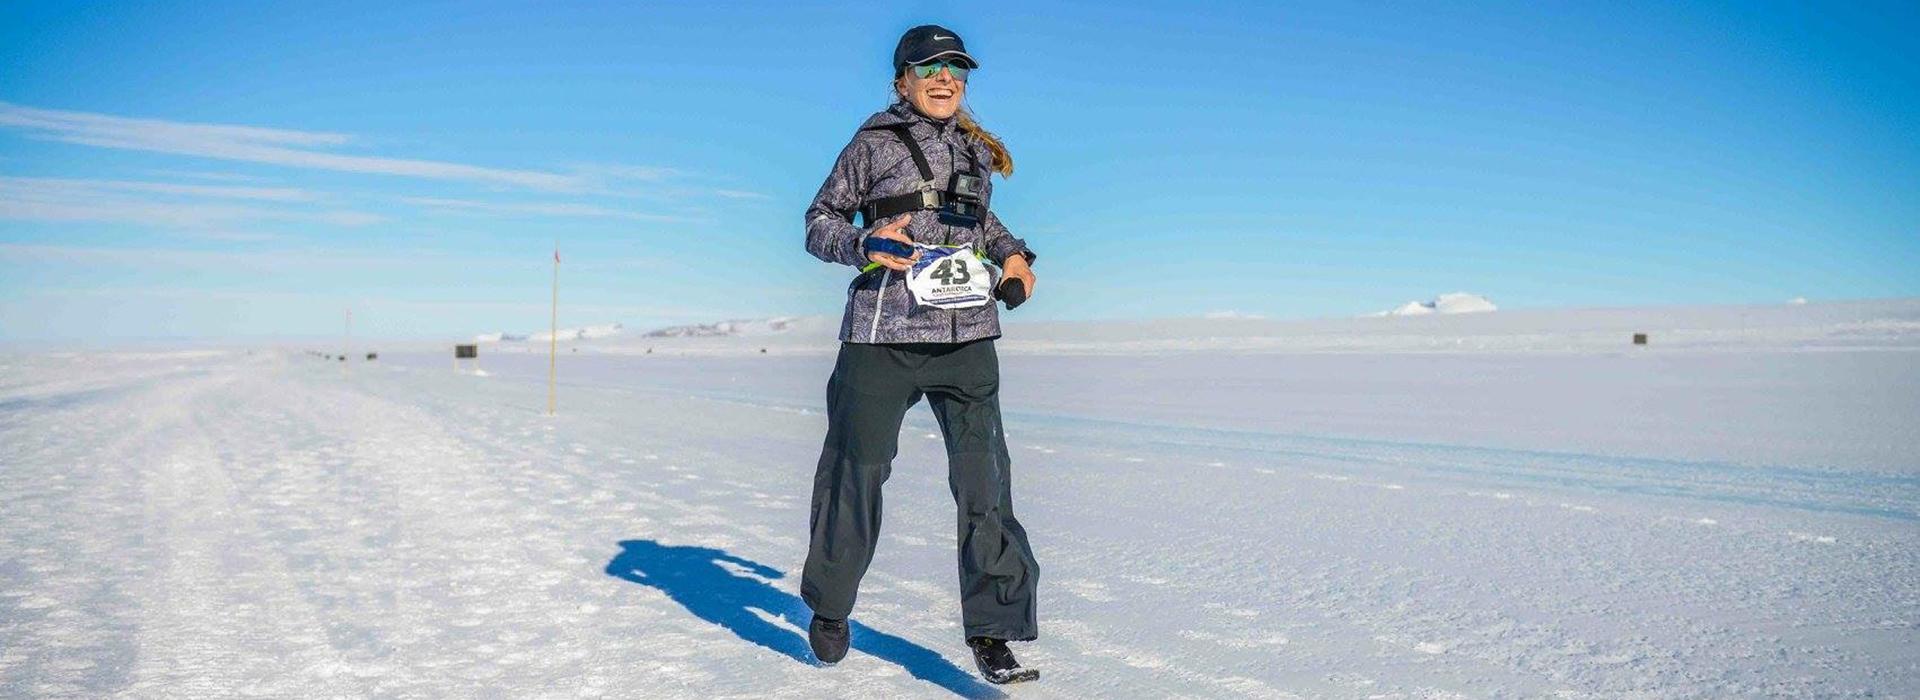 Sarah Reinertsen World Marathon Challenge _1